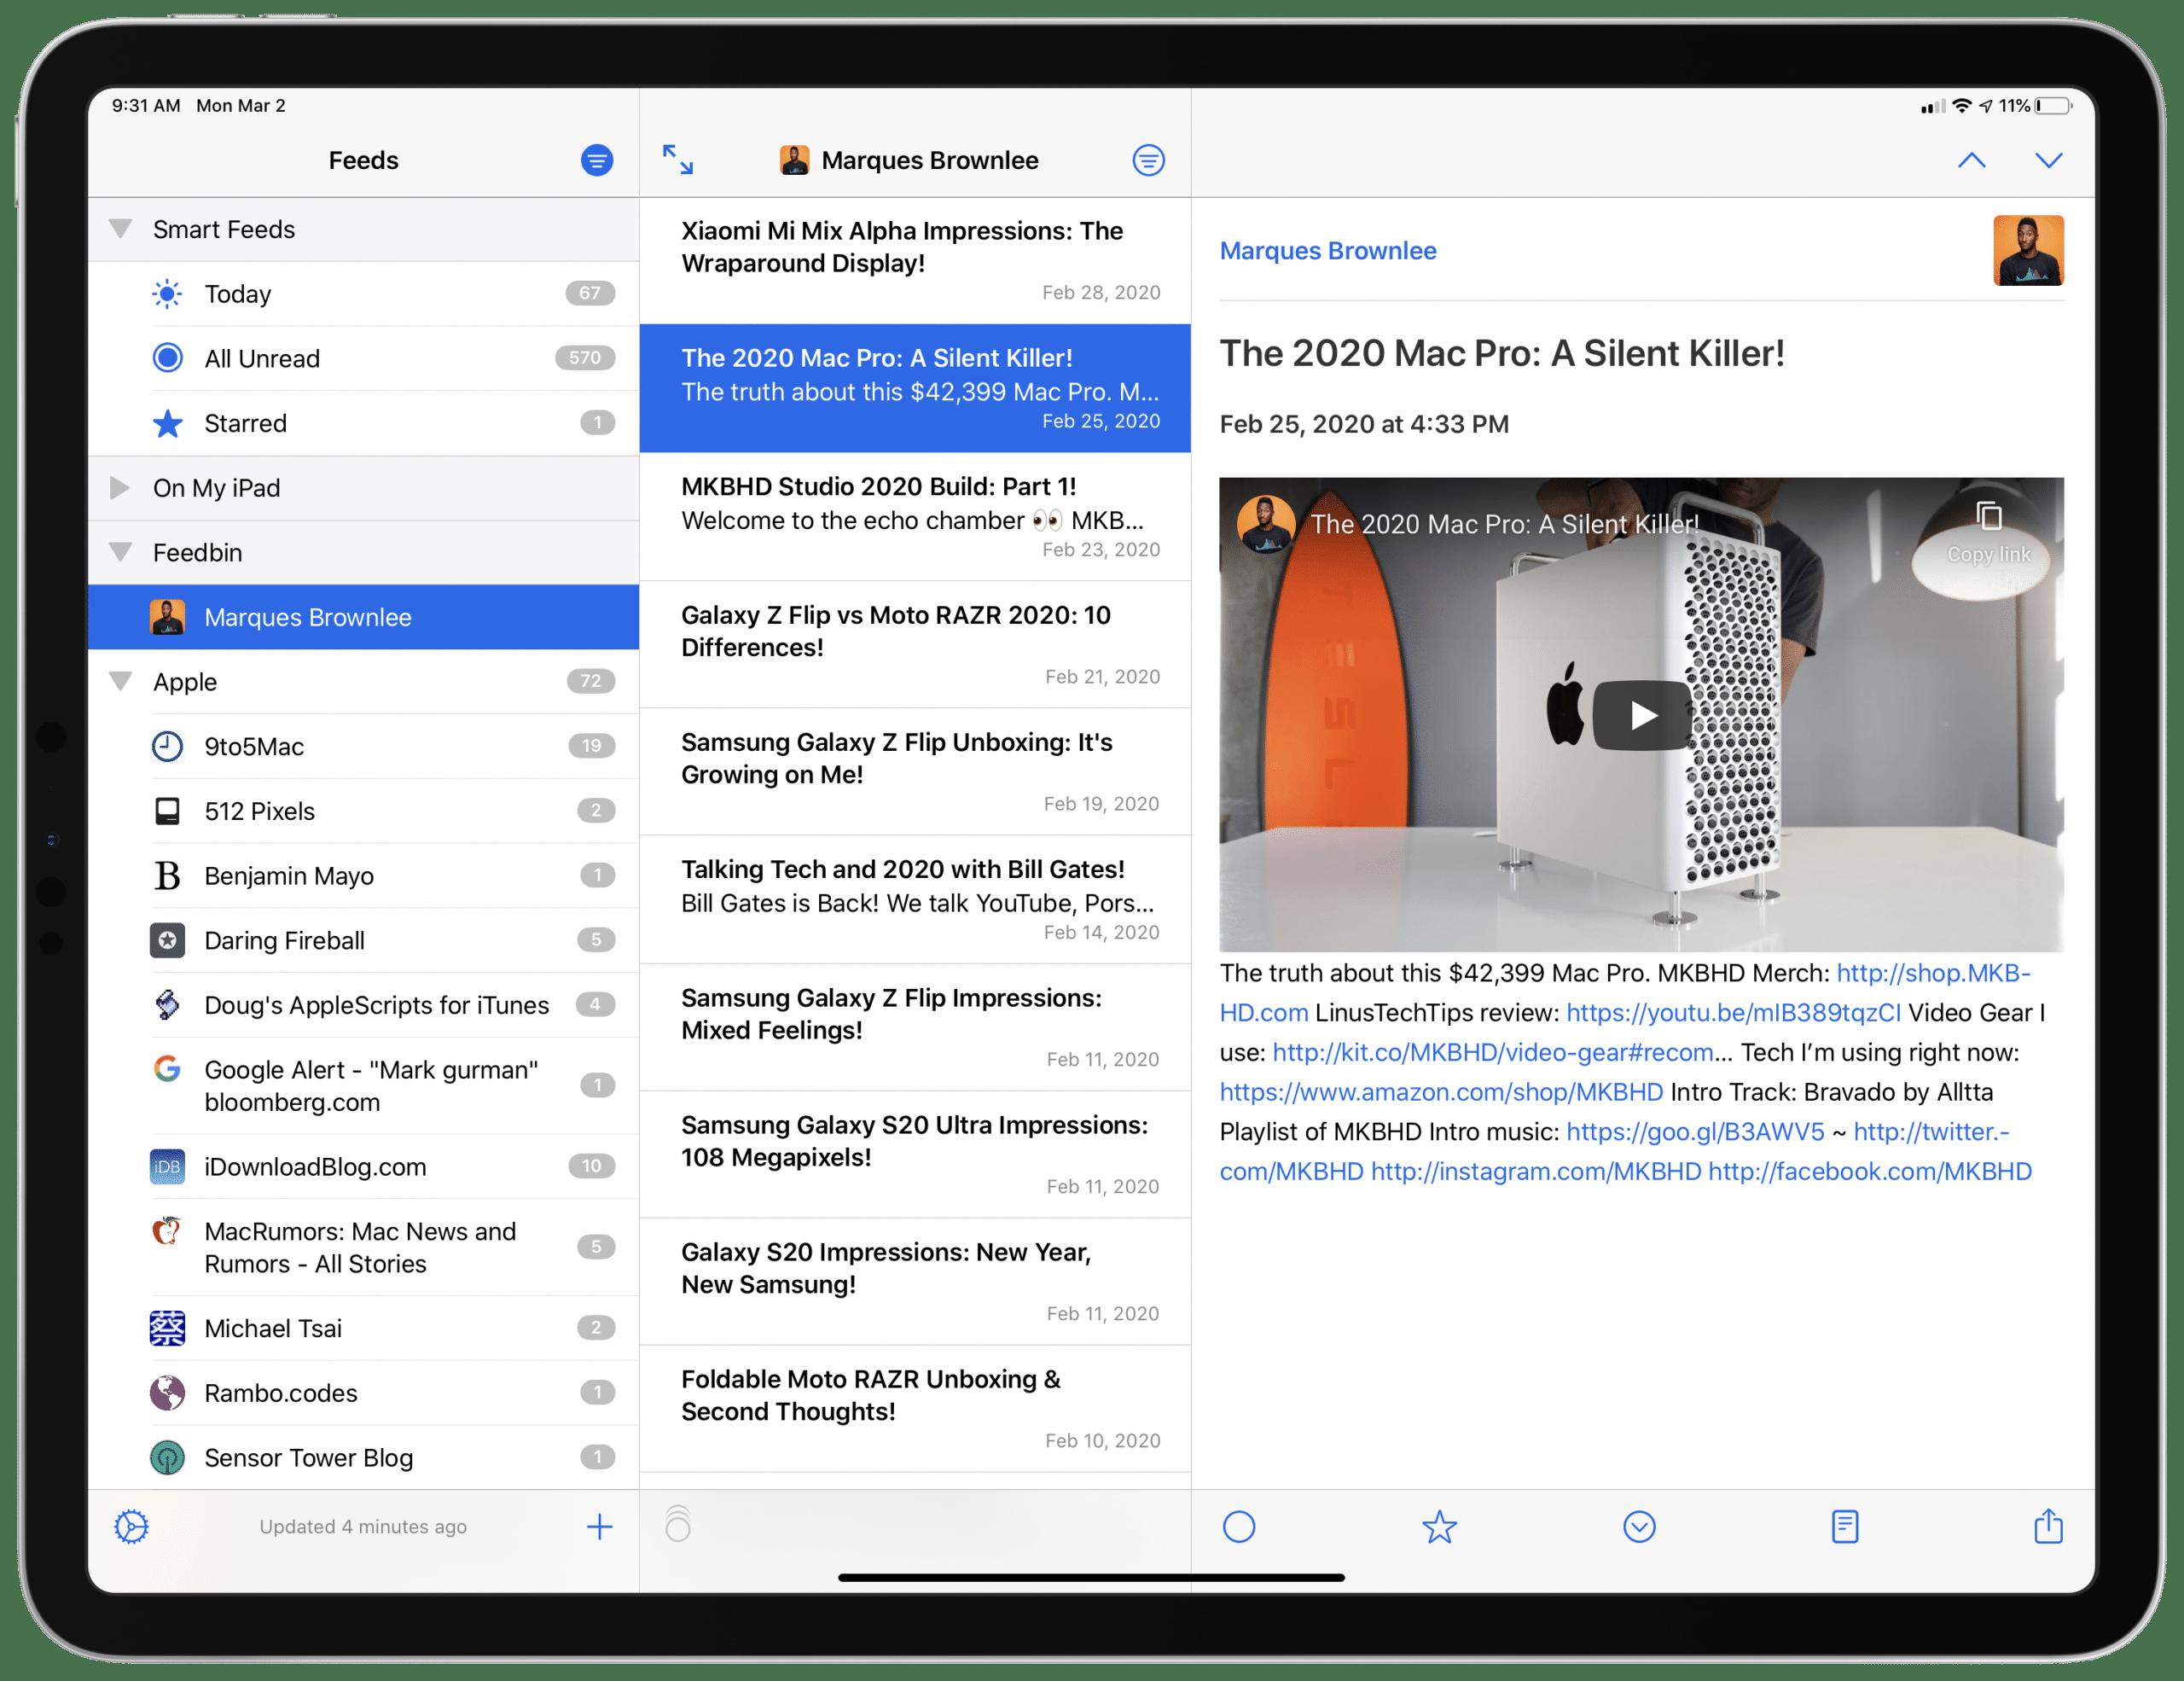 NetNewsWire para iOS